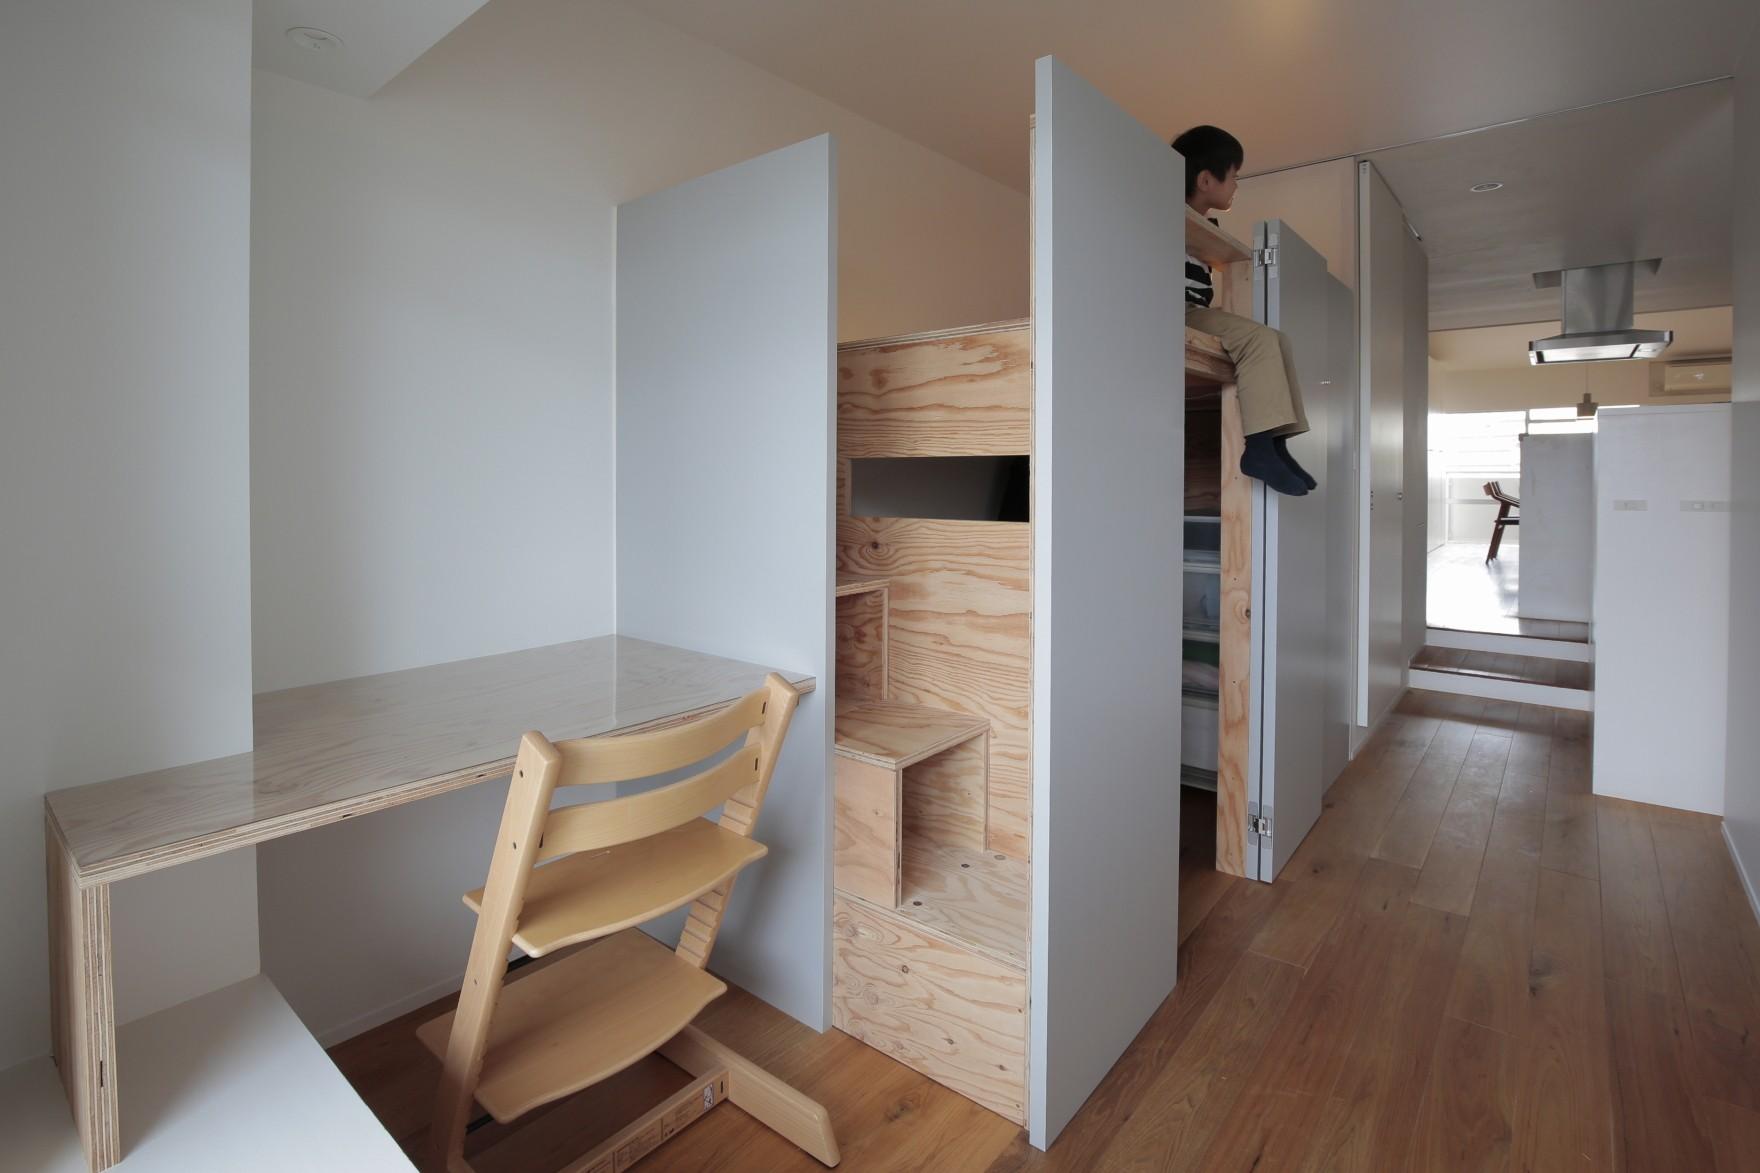 子供部屋事例:こども部屋(都島のマンションリフォーム)